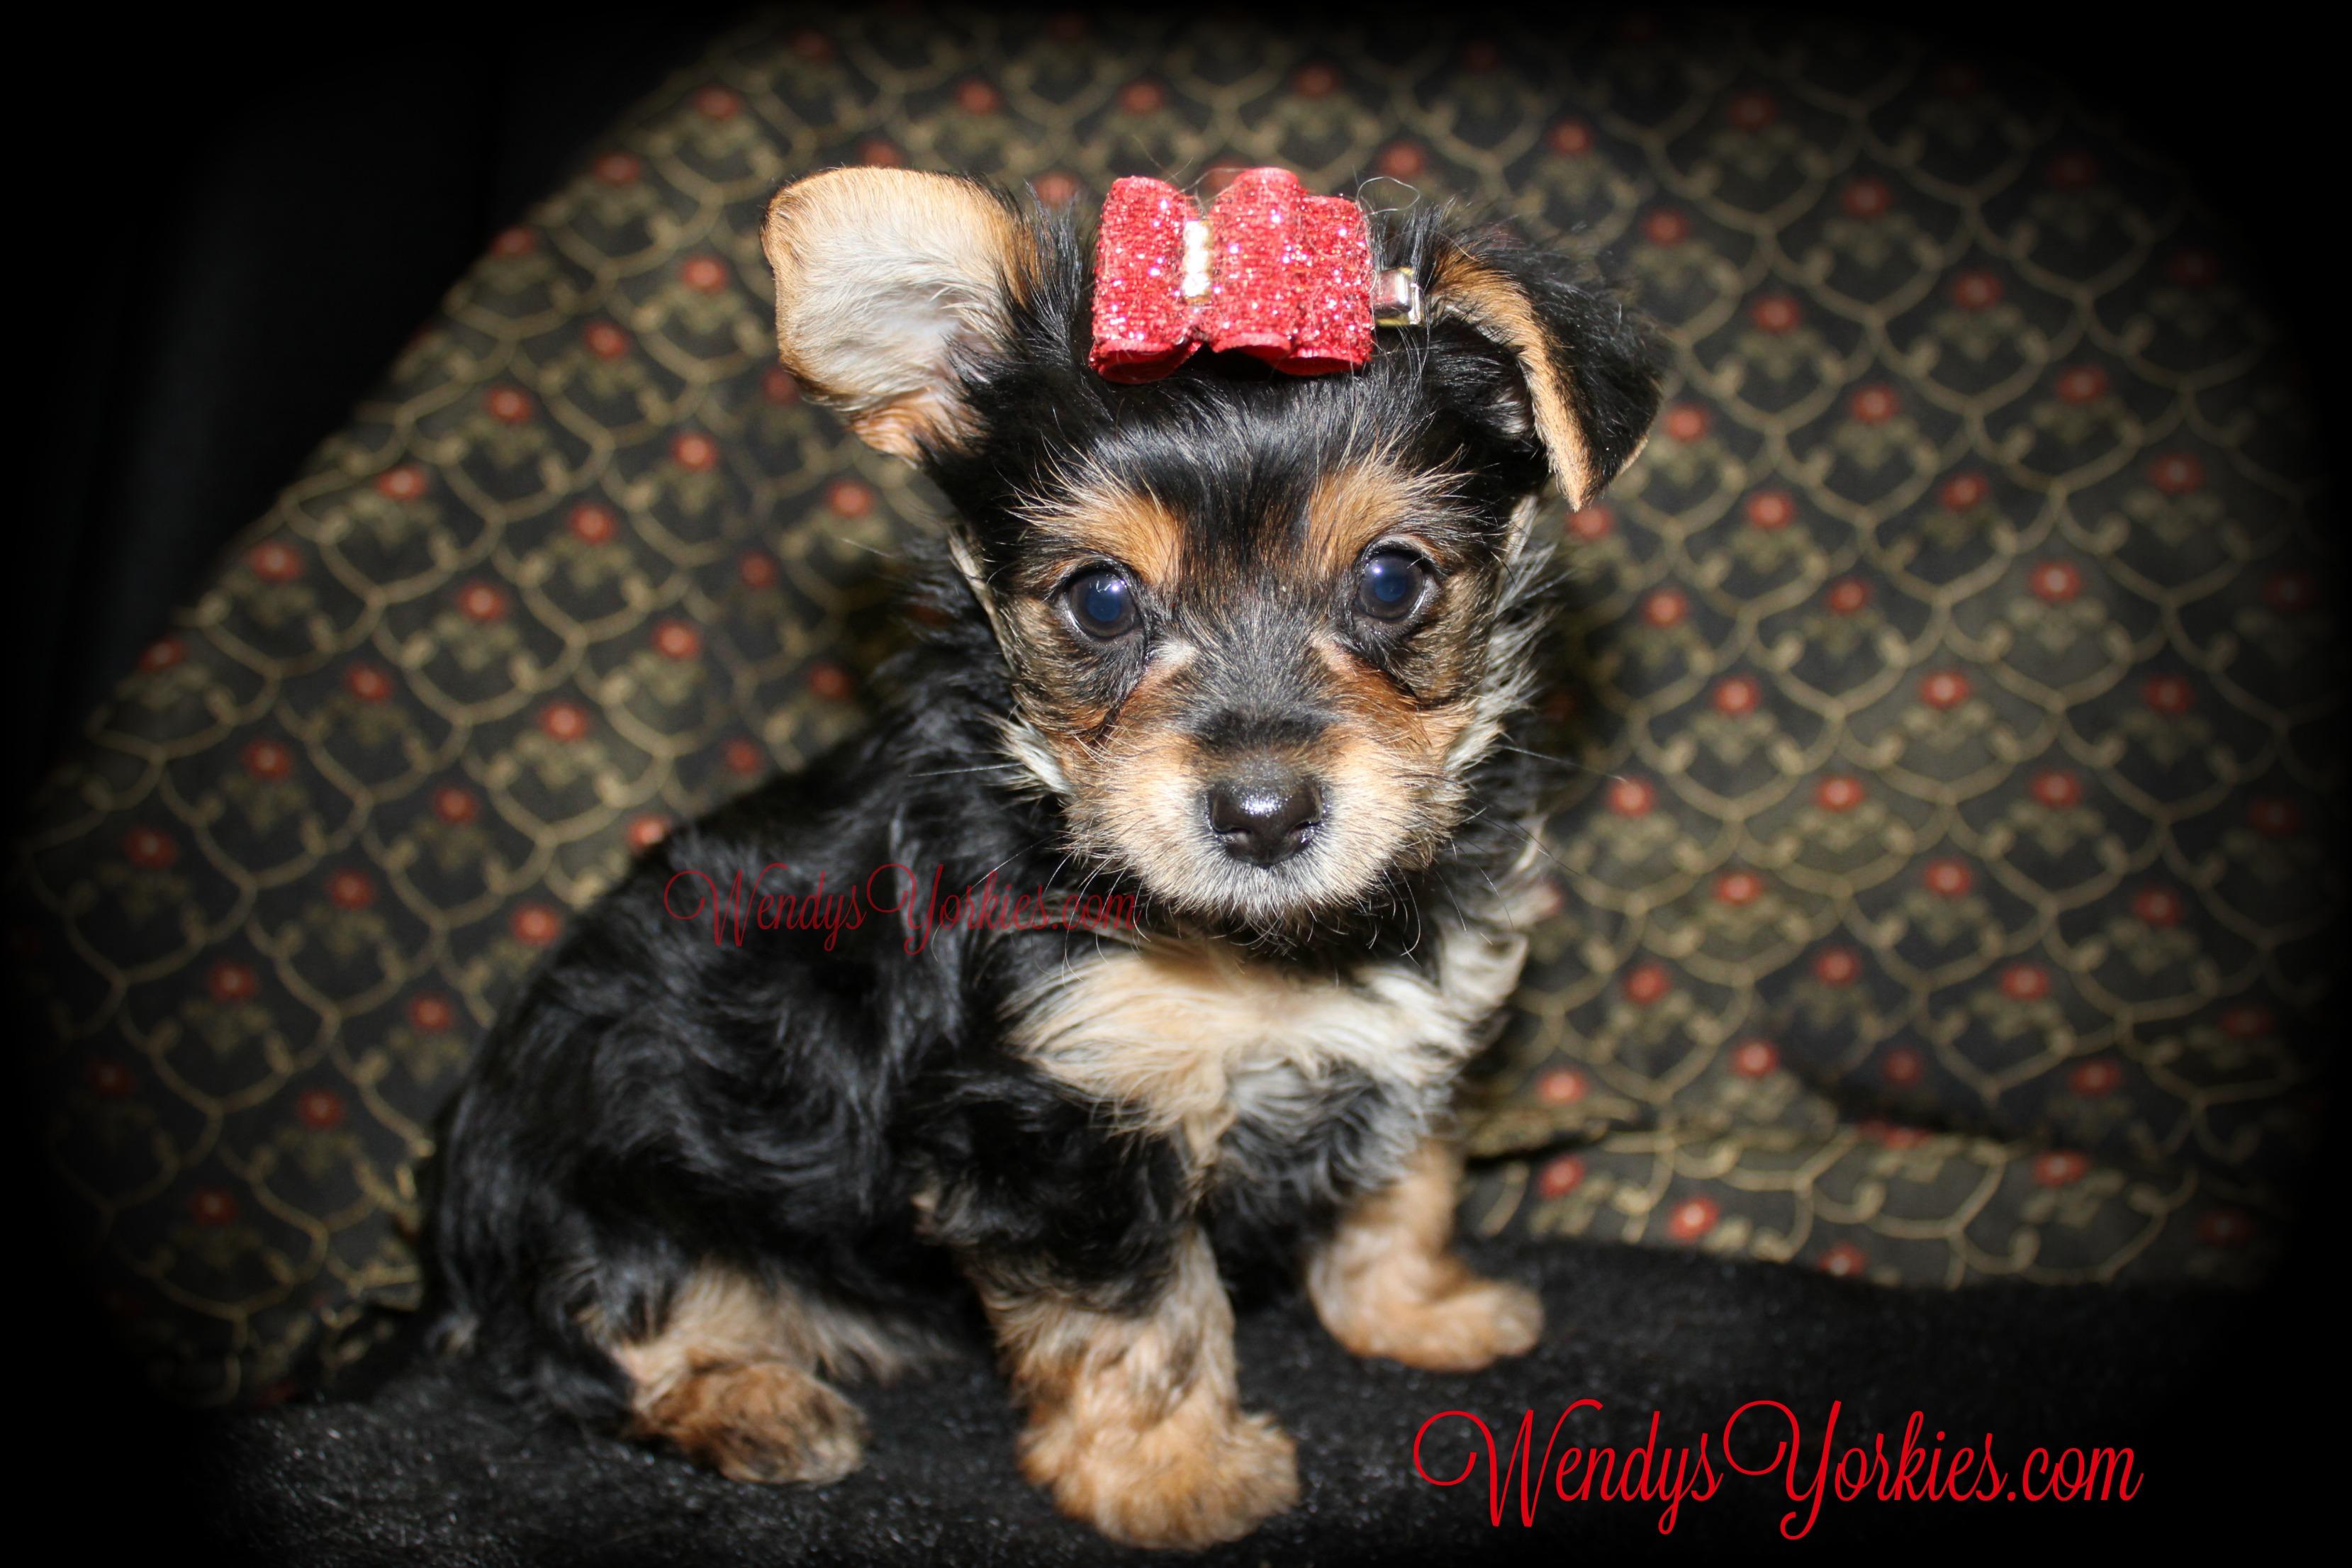 Cute Female YOrkie puppy for slae, WendysYorkies.com, TH f1